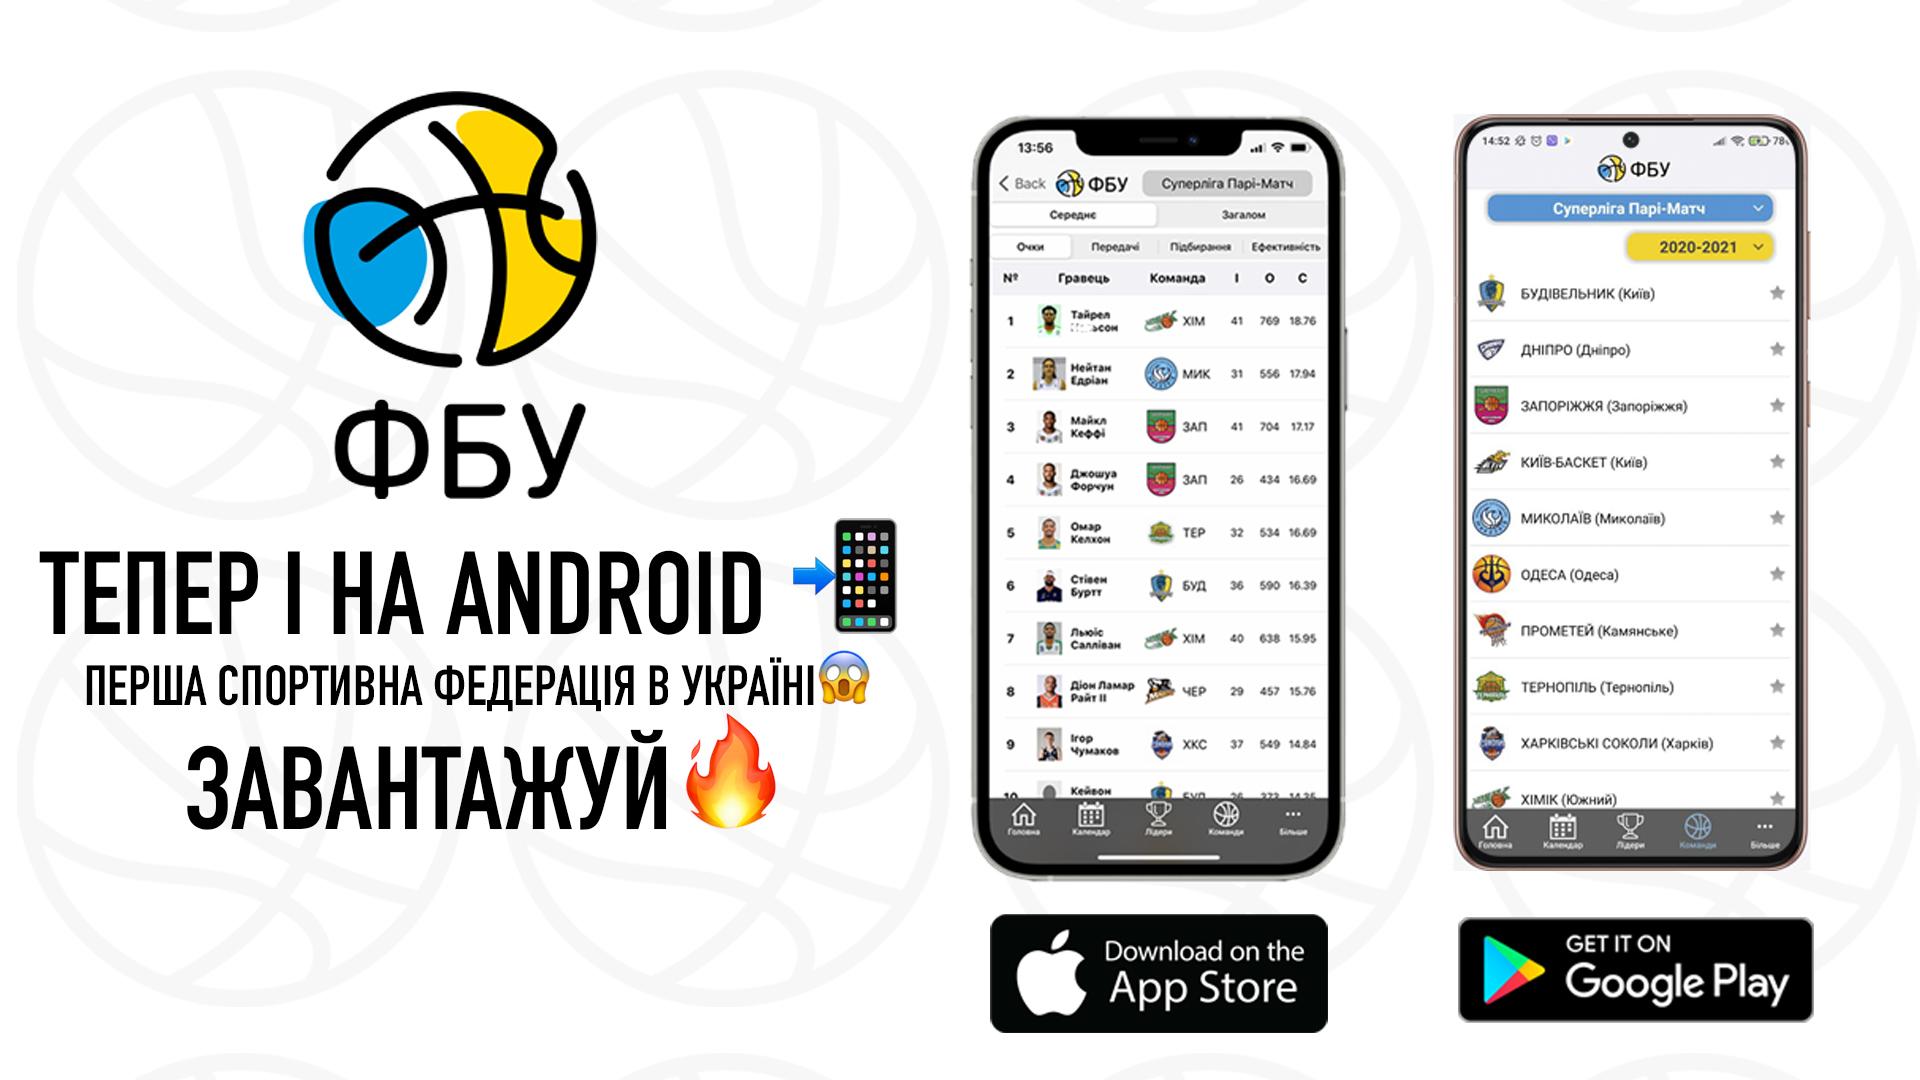 ФБУ запустила мобільний додаток для Android